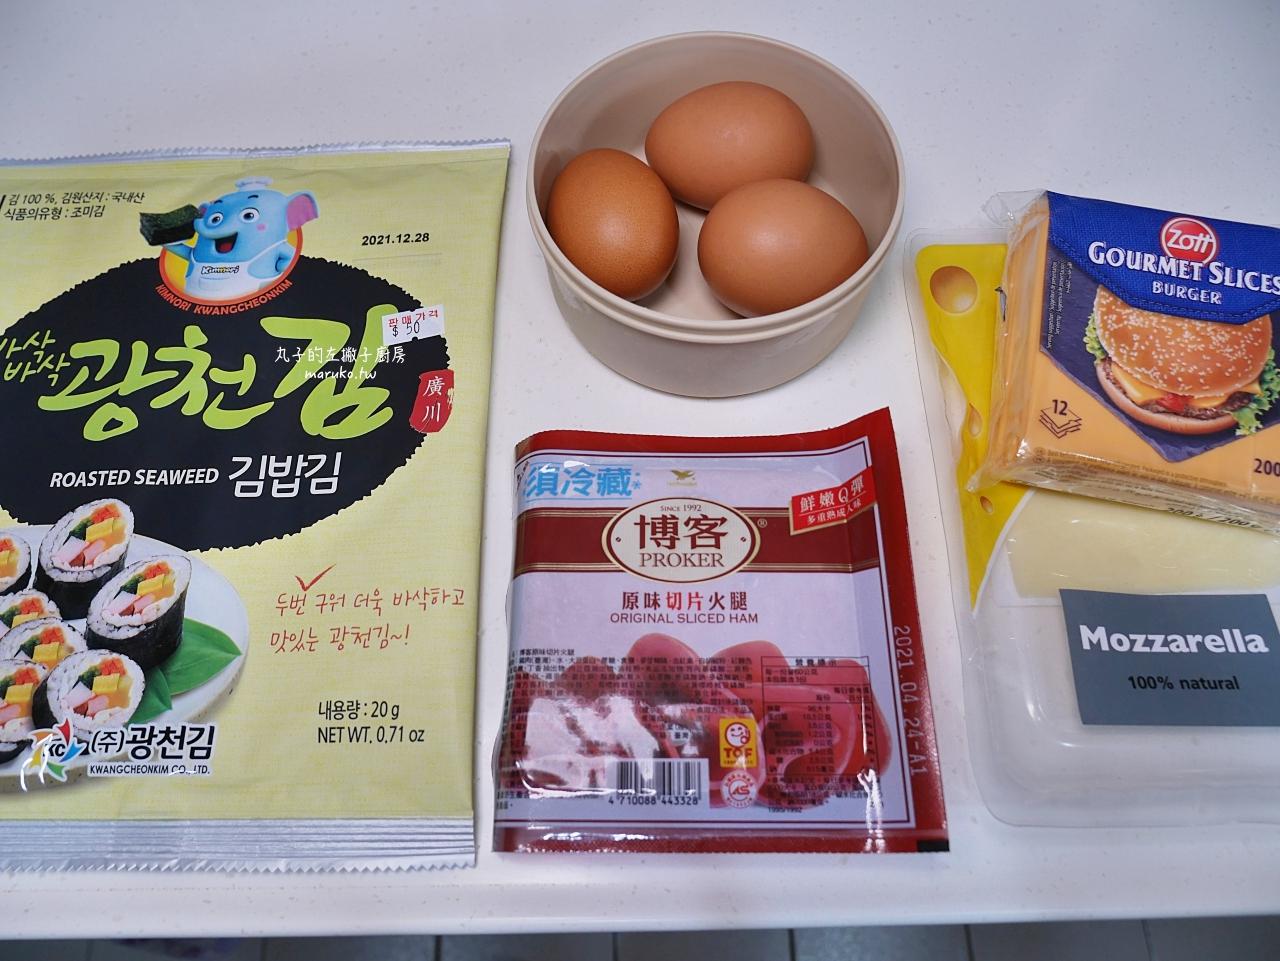 【食譜】韓式年糕煎蛋捲/二樣食材自製韓國年糕/韓式海苔捲做法 @Maruko與美食有個約會